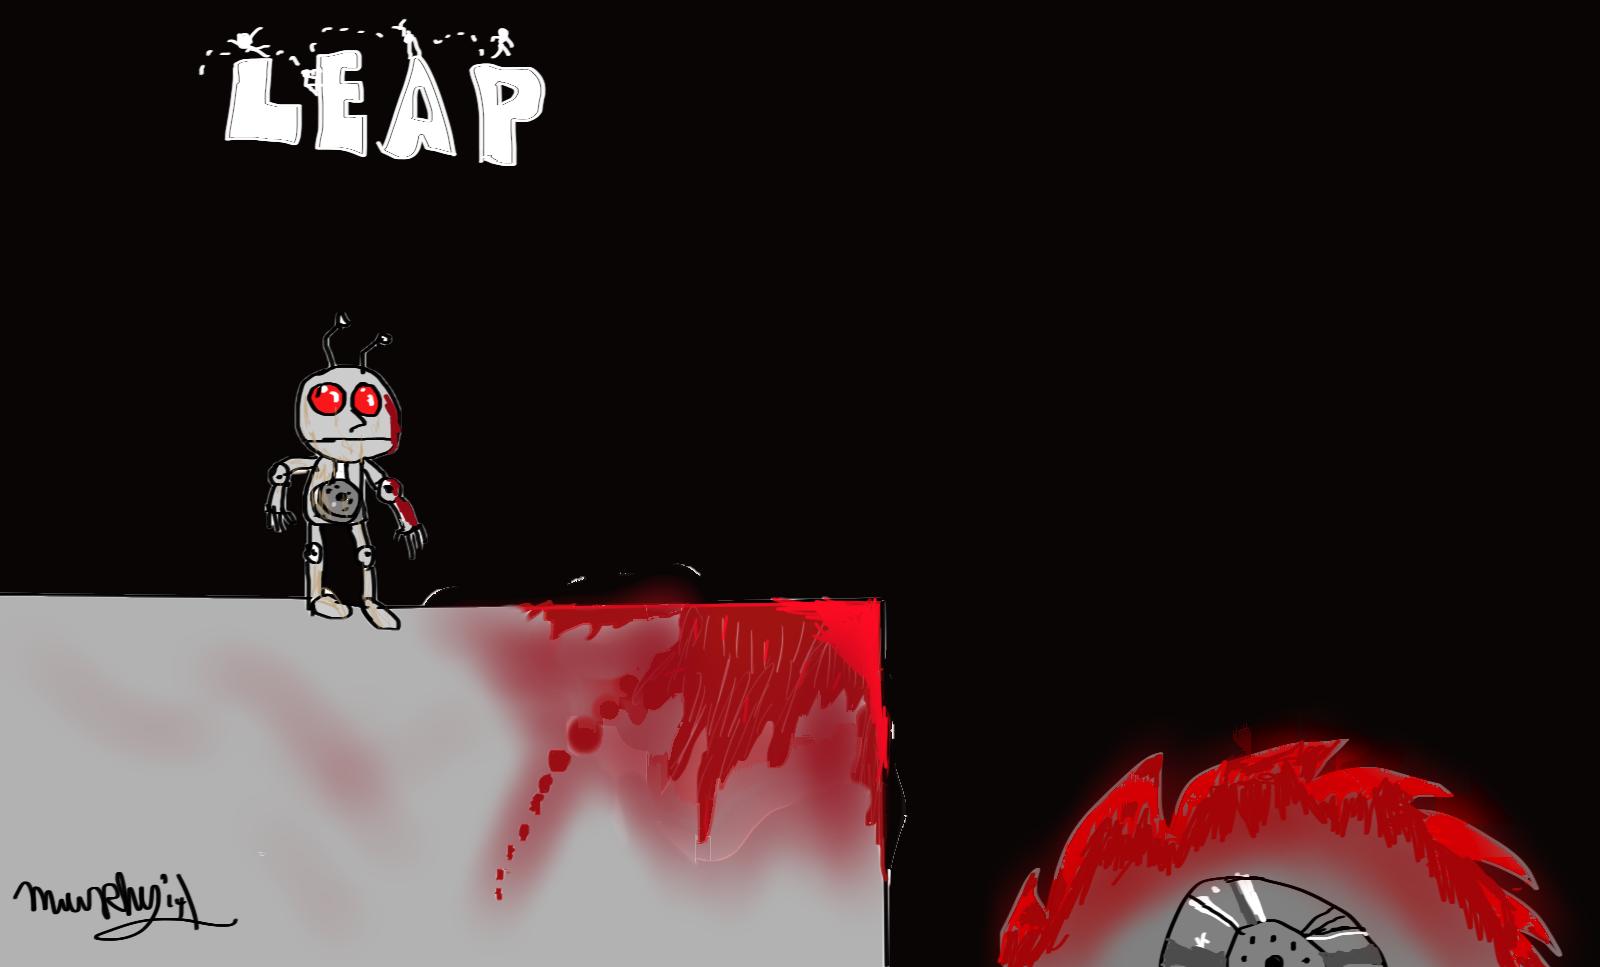 Gorefest-Leap